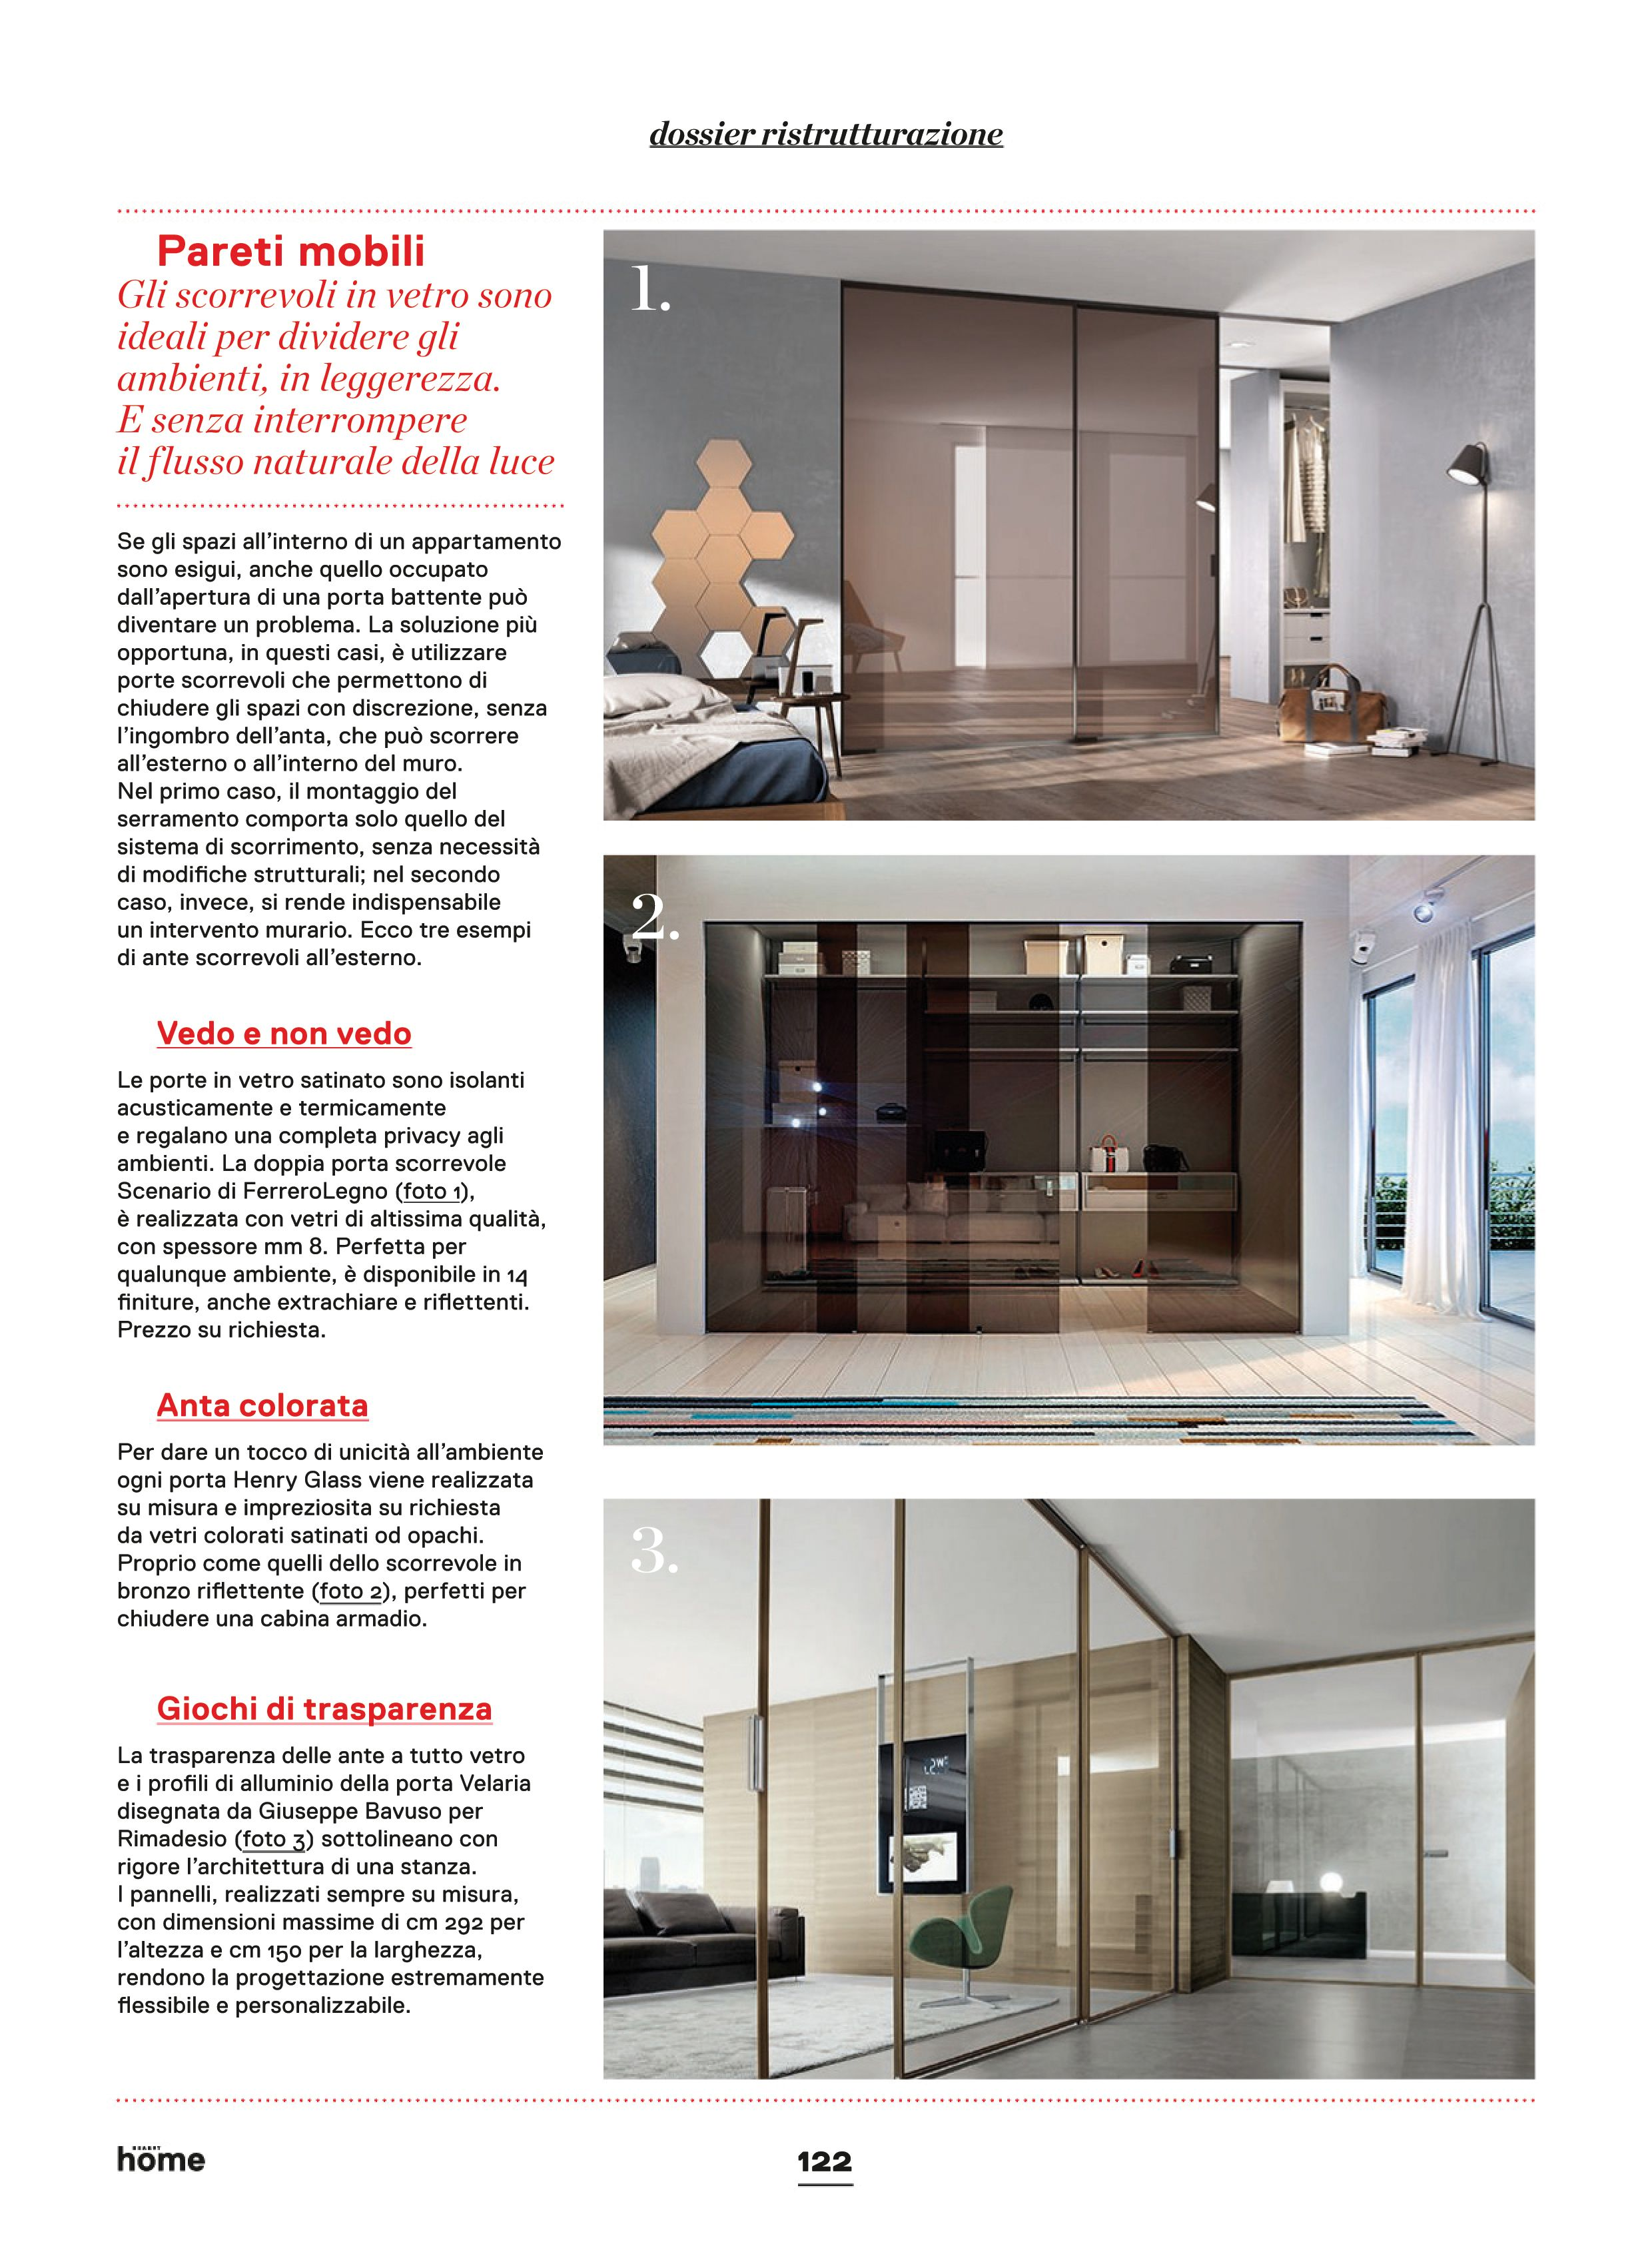 servizio redazionale dossier ristrutturazione pareti mobili